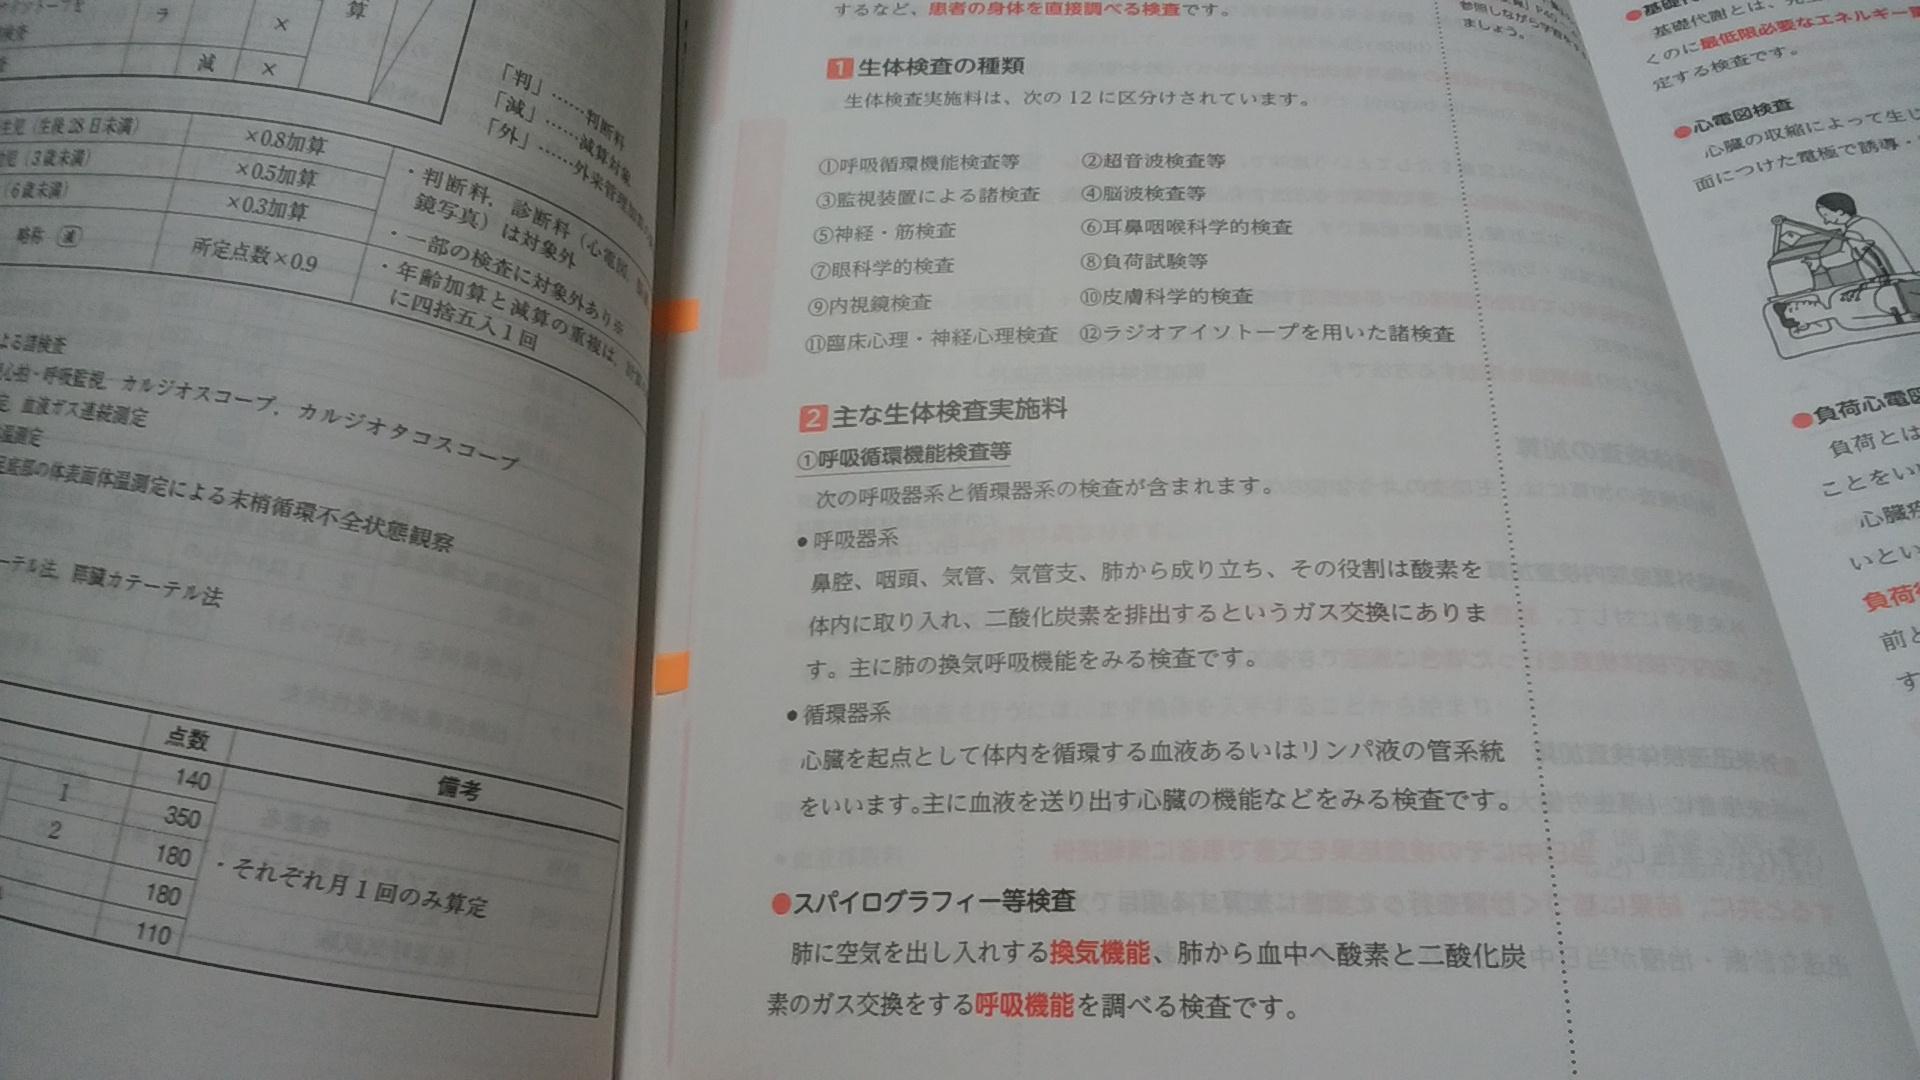 医療 事務 試験 内容